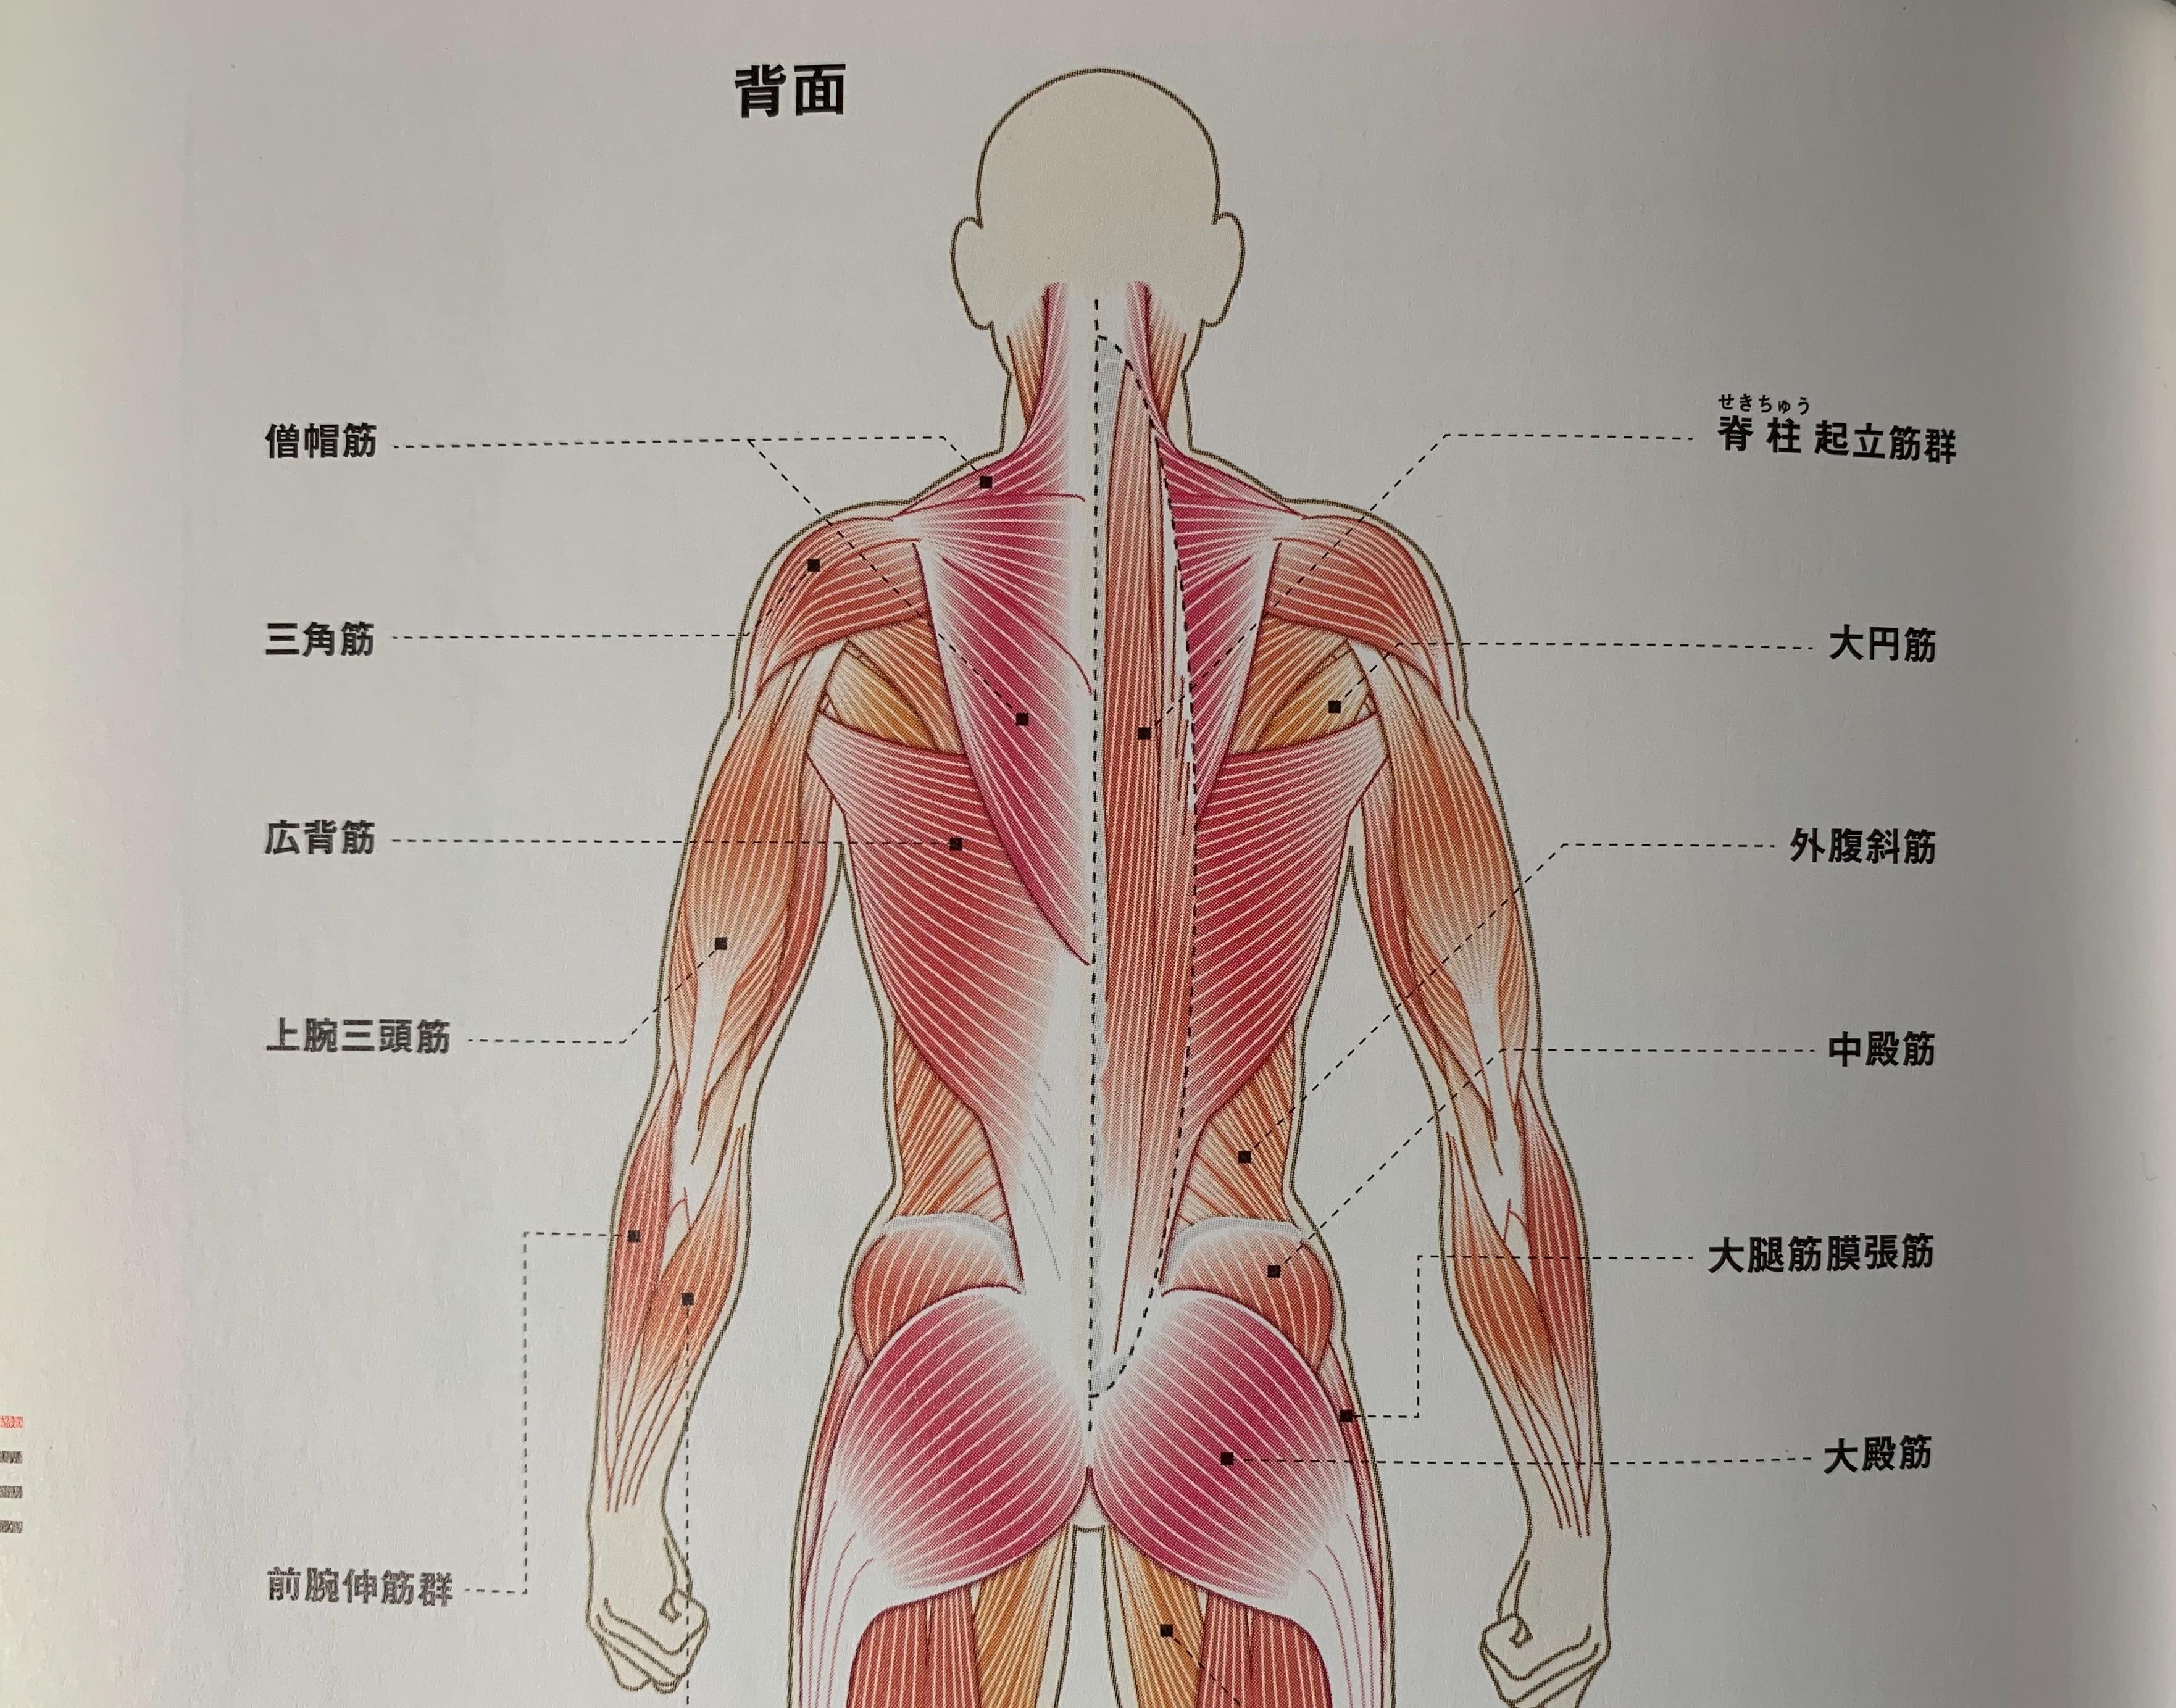 名称 筋肉 背中 の